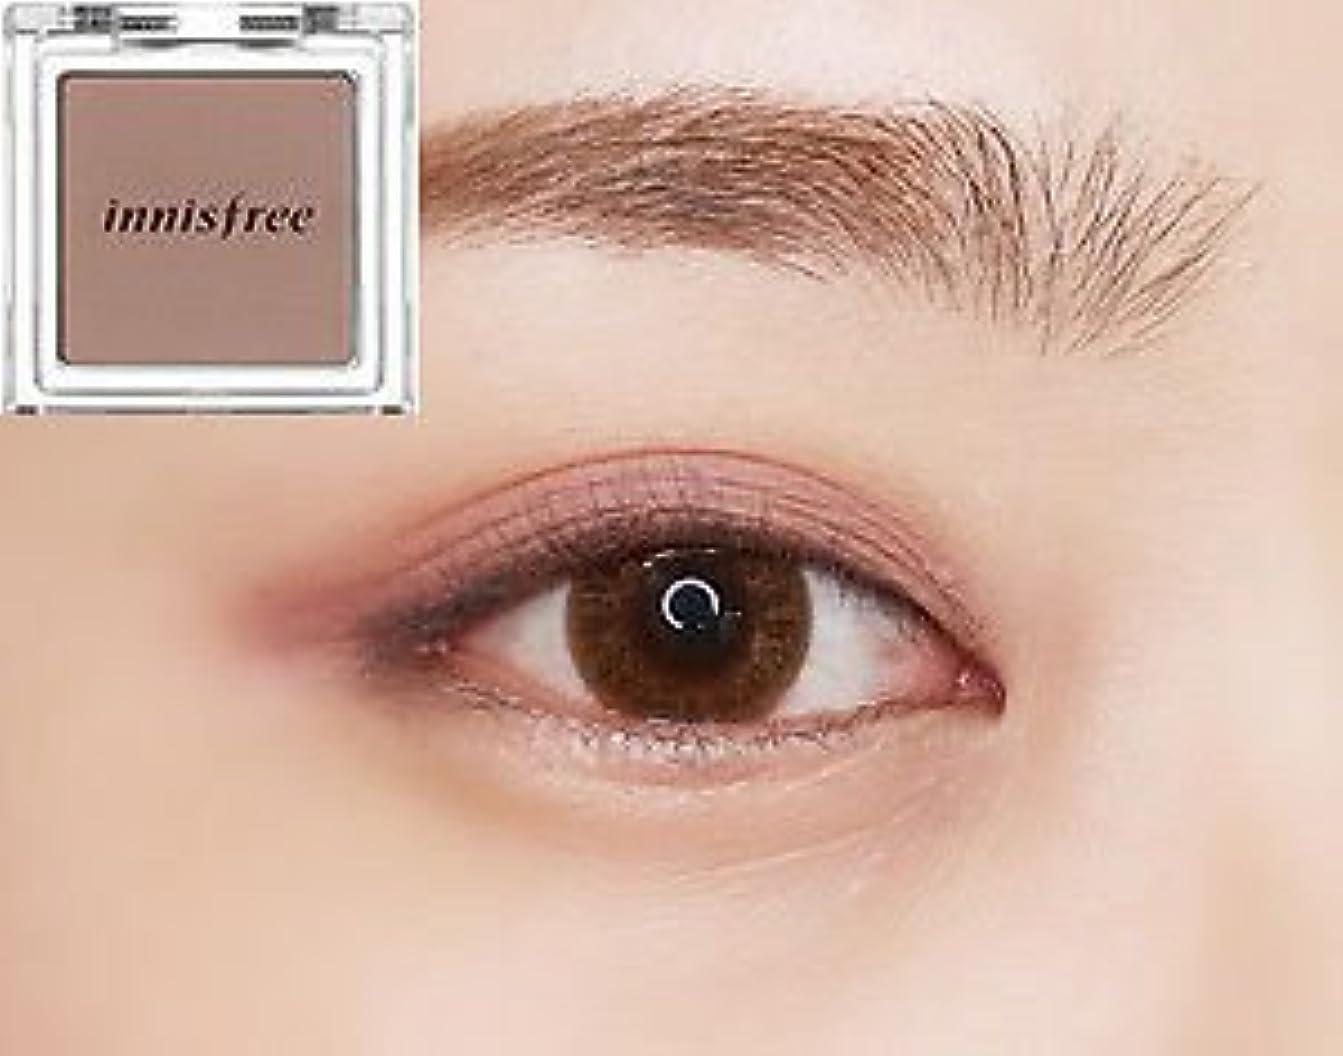 ヘルシー扇動する弁護人[イニスフリー] innisfree [マイ パレット マイ アイシャドウ (マット) 40カラー] MY PALETTE My Eyeshadow (Matte) 40 Shades [海外直送品] (マット #26)